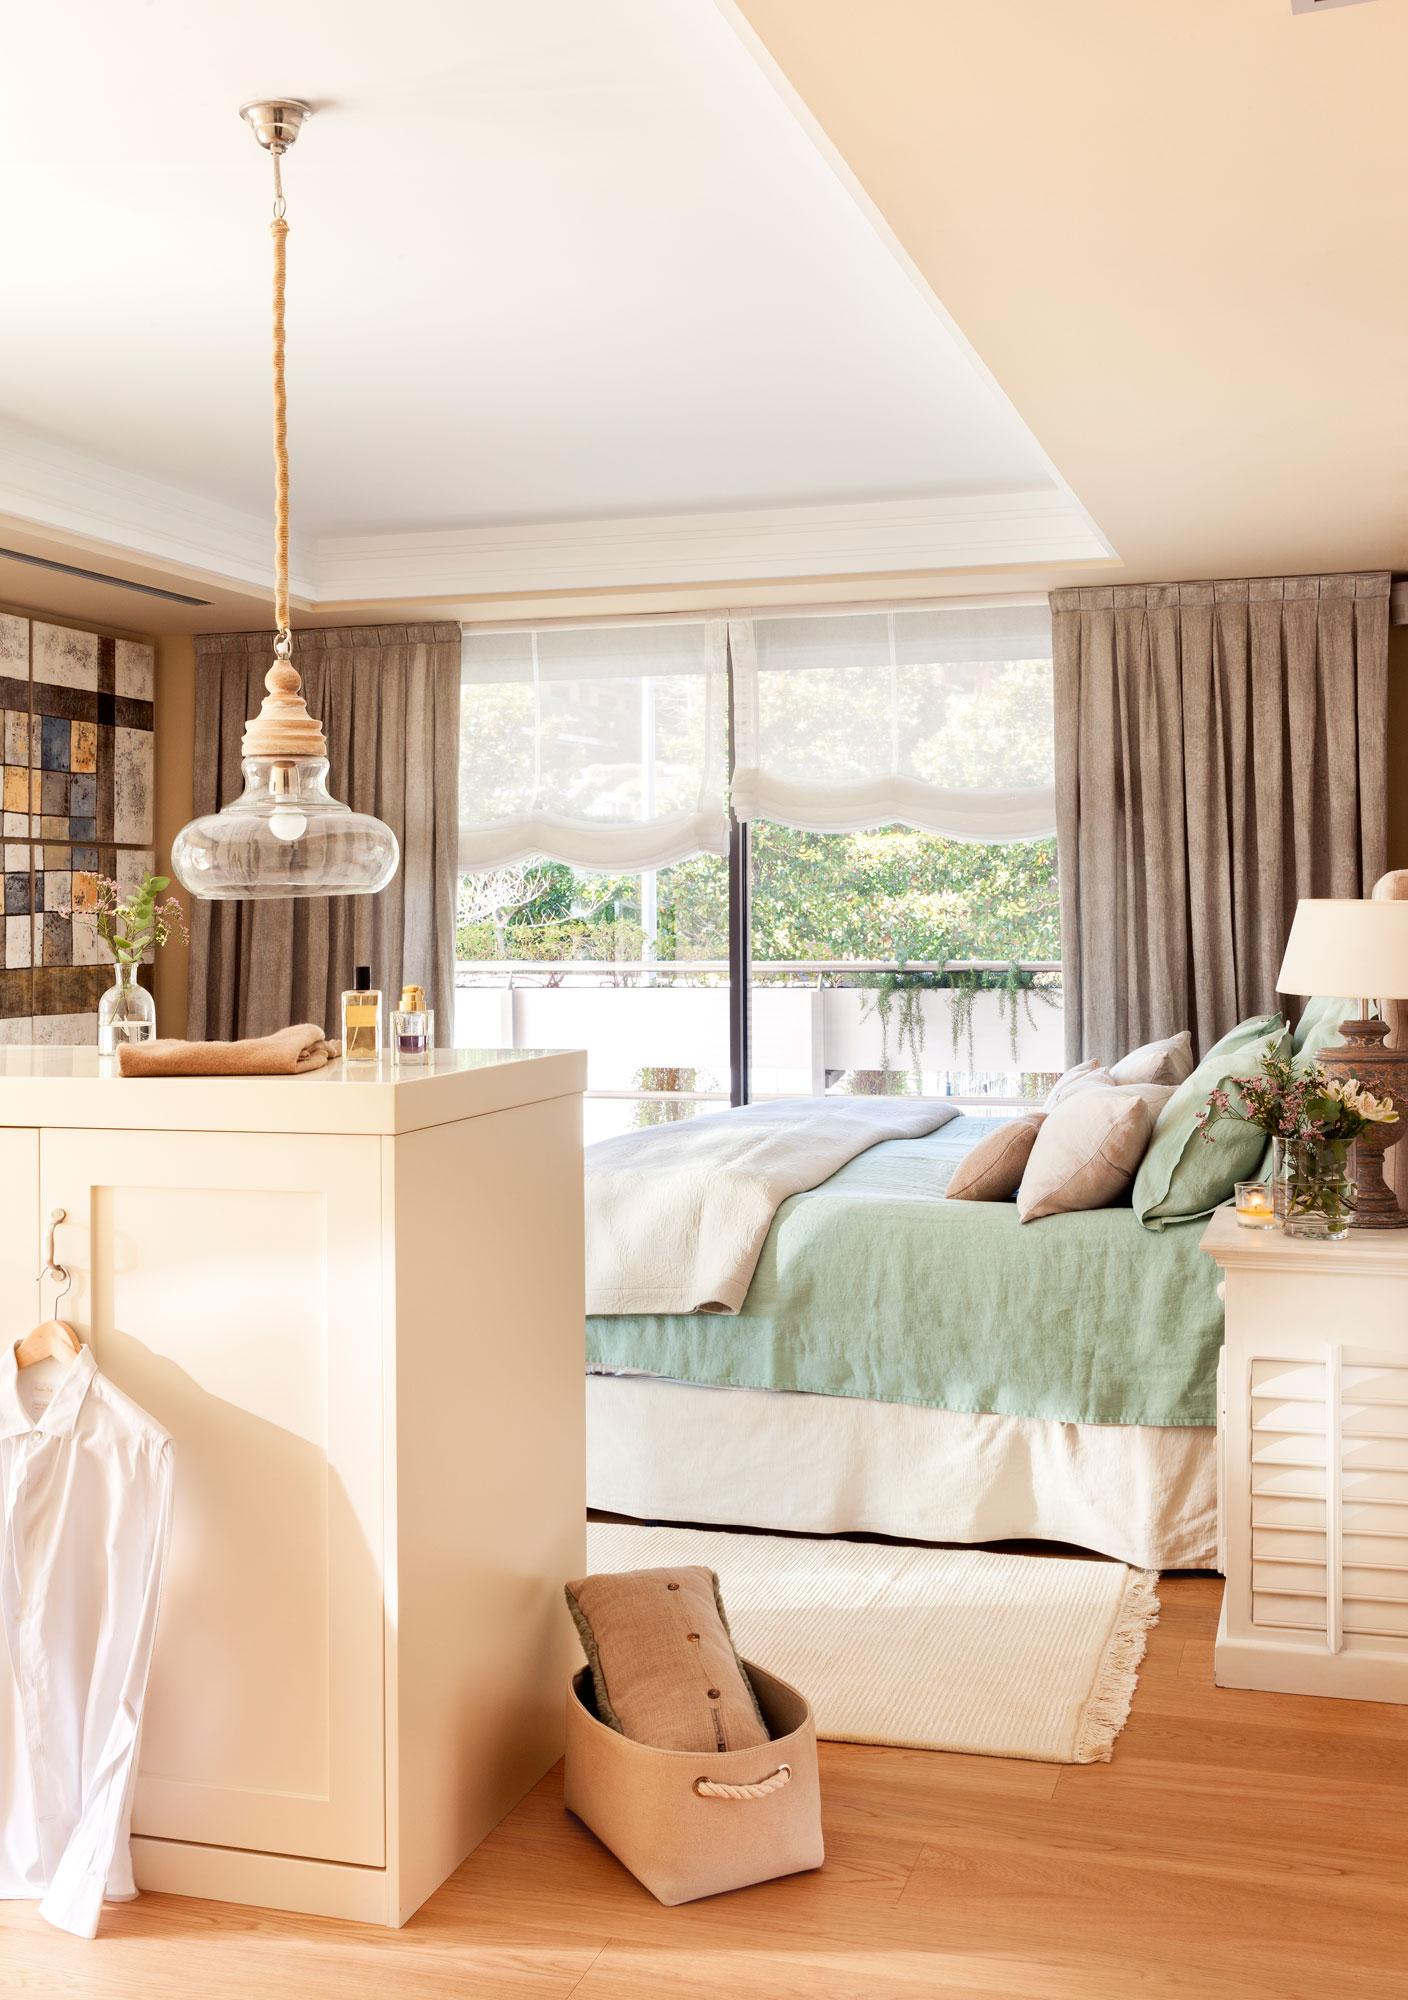 10 desastres que debes evitar cuando elijas las cortinas - Estores dormitorio ...